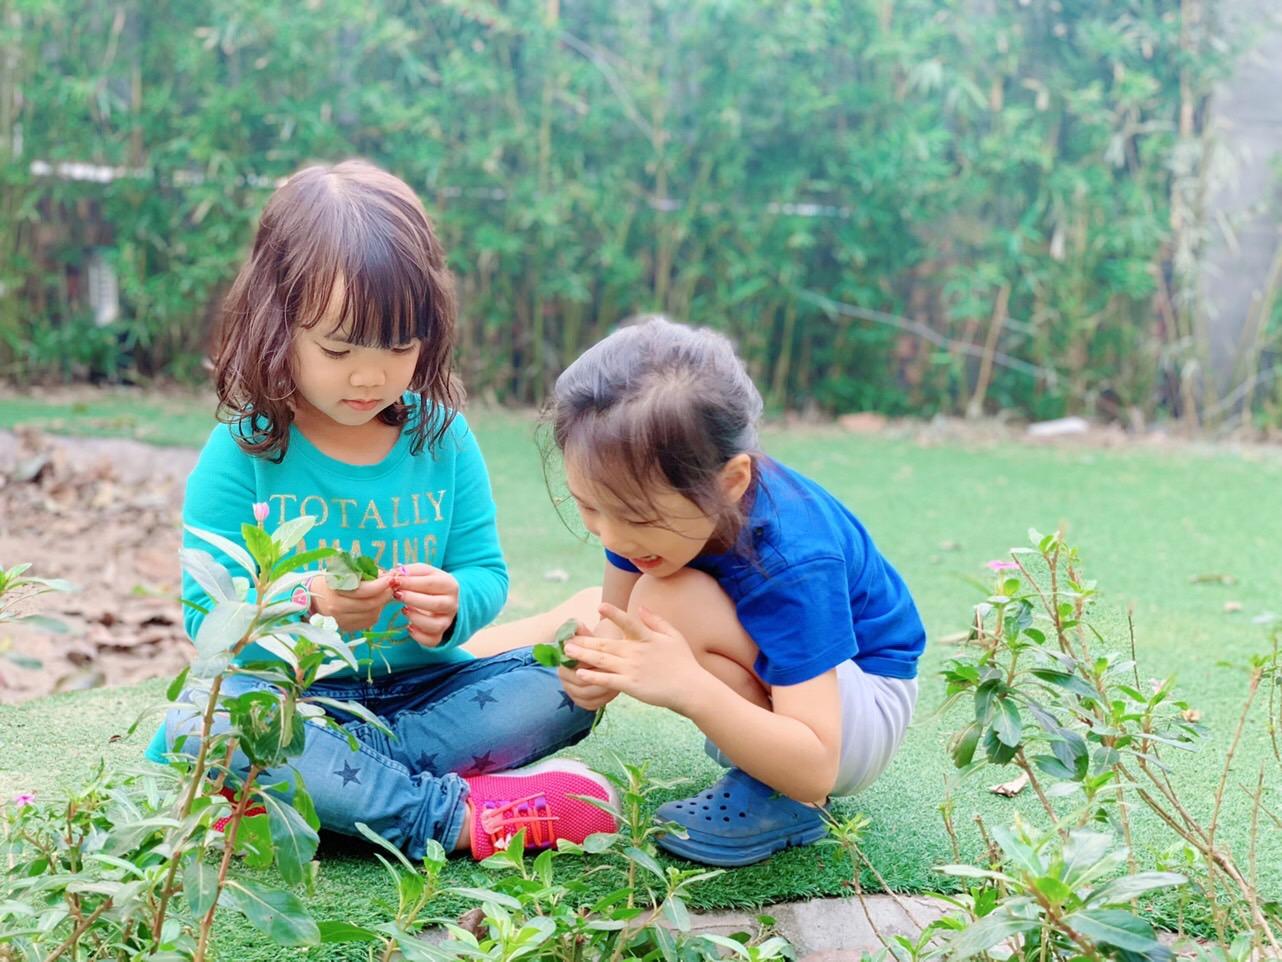 Kích thích khả năng hoạt động và tăng cường vận động cho trẻ tại nhà Trang chủ